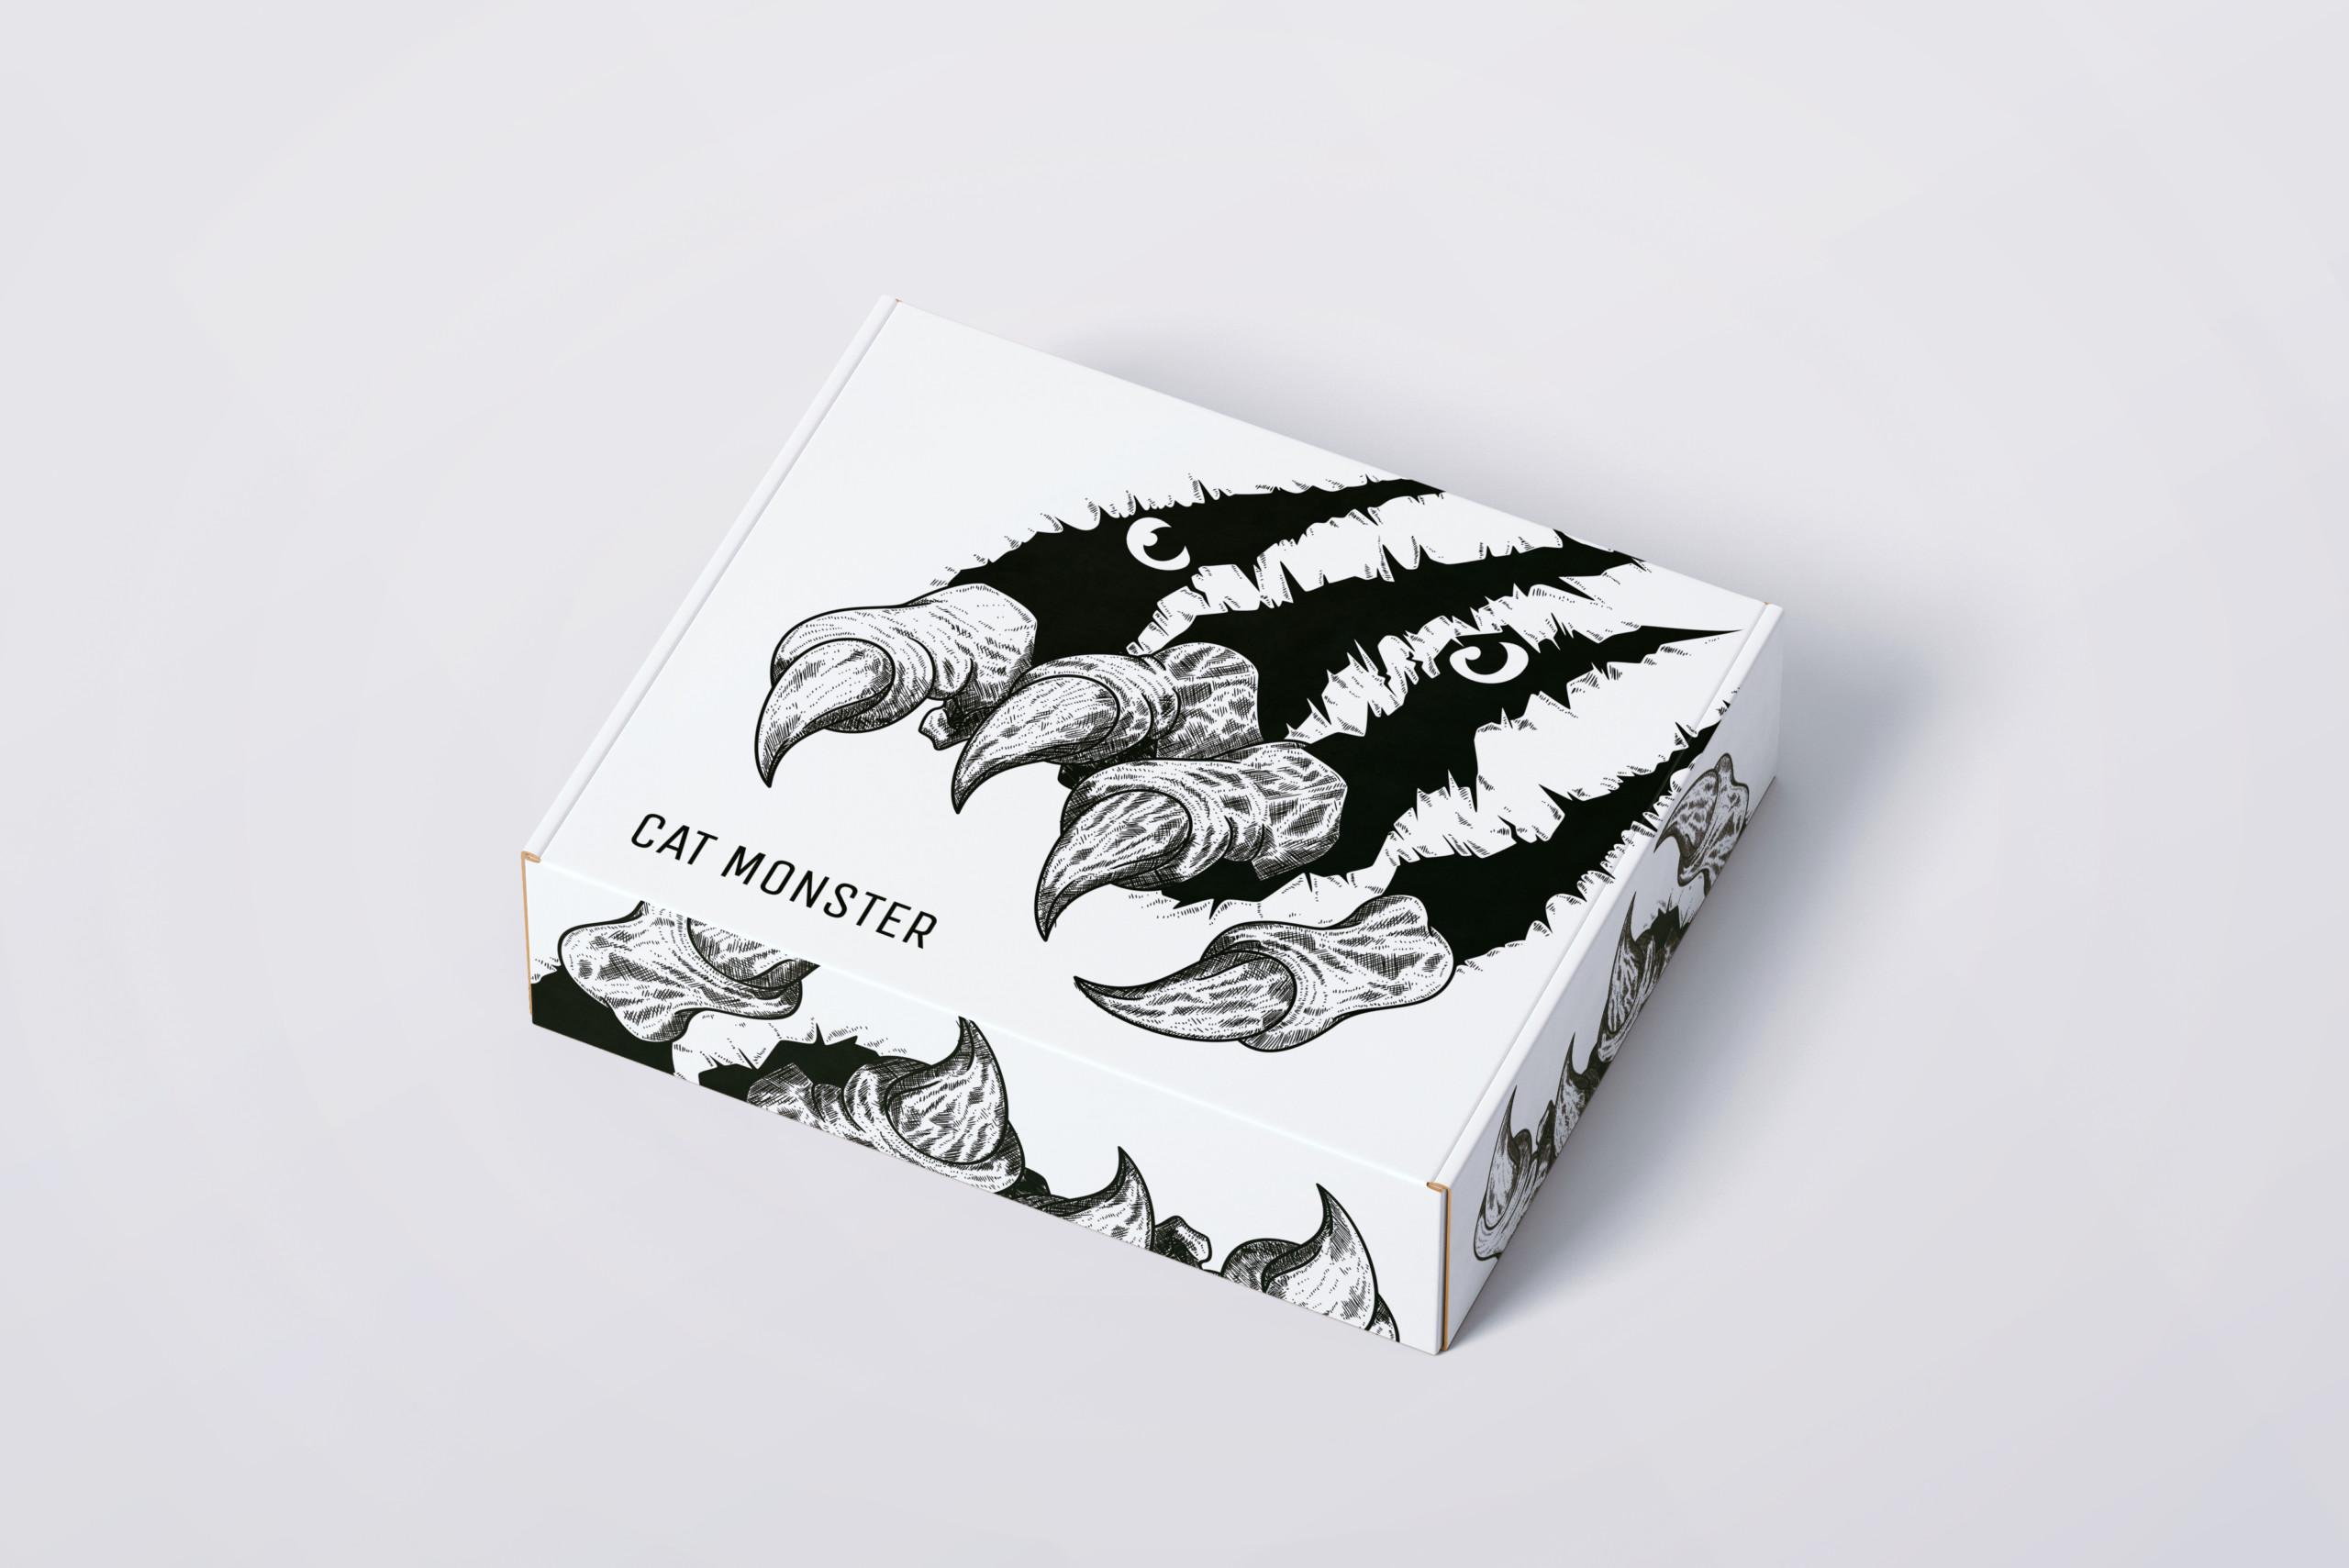 tanie pudełko fasonowe z logo